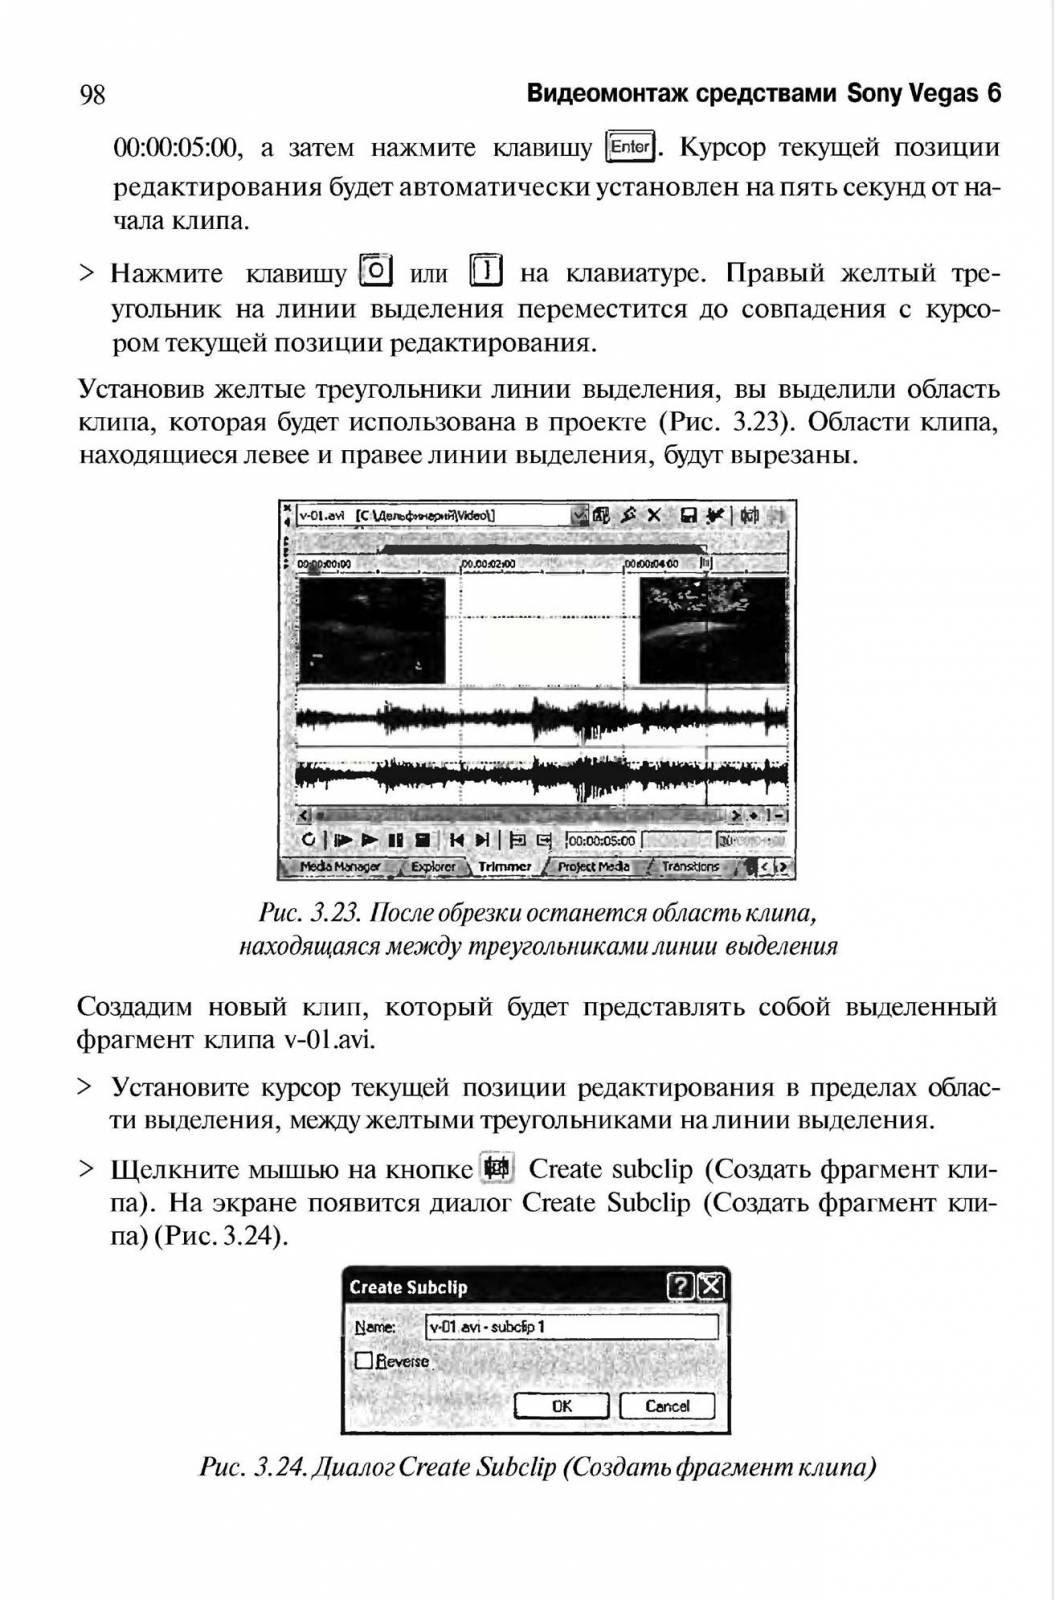 http://redaktori-uroki.3dn.ru/_ph/13/374093093.jpg